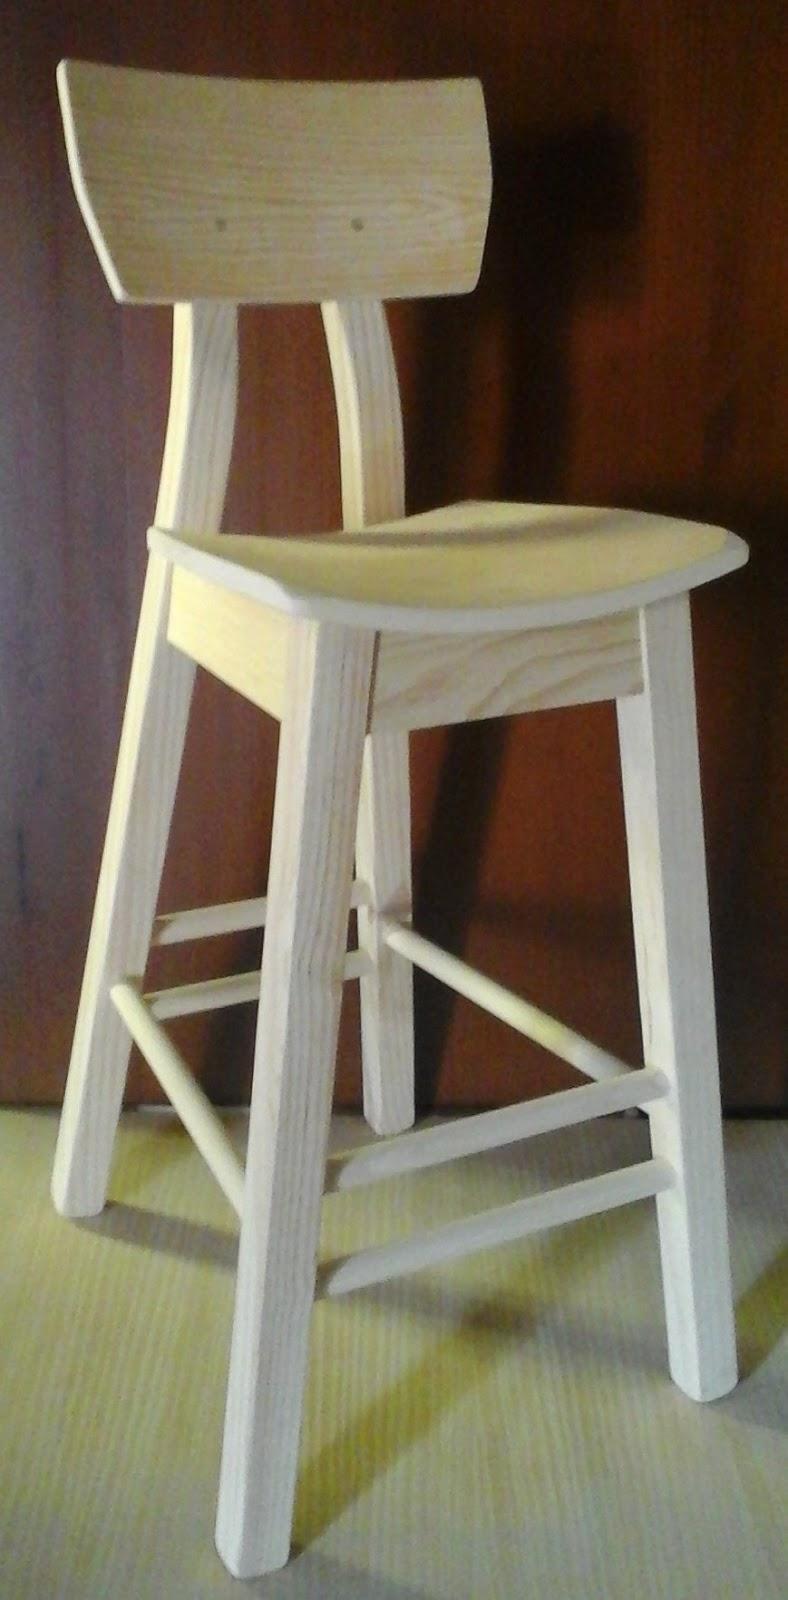 Fabrica de sillas de madera pauli sillas y mesas de for Bar madera rustica